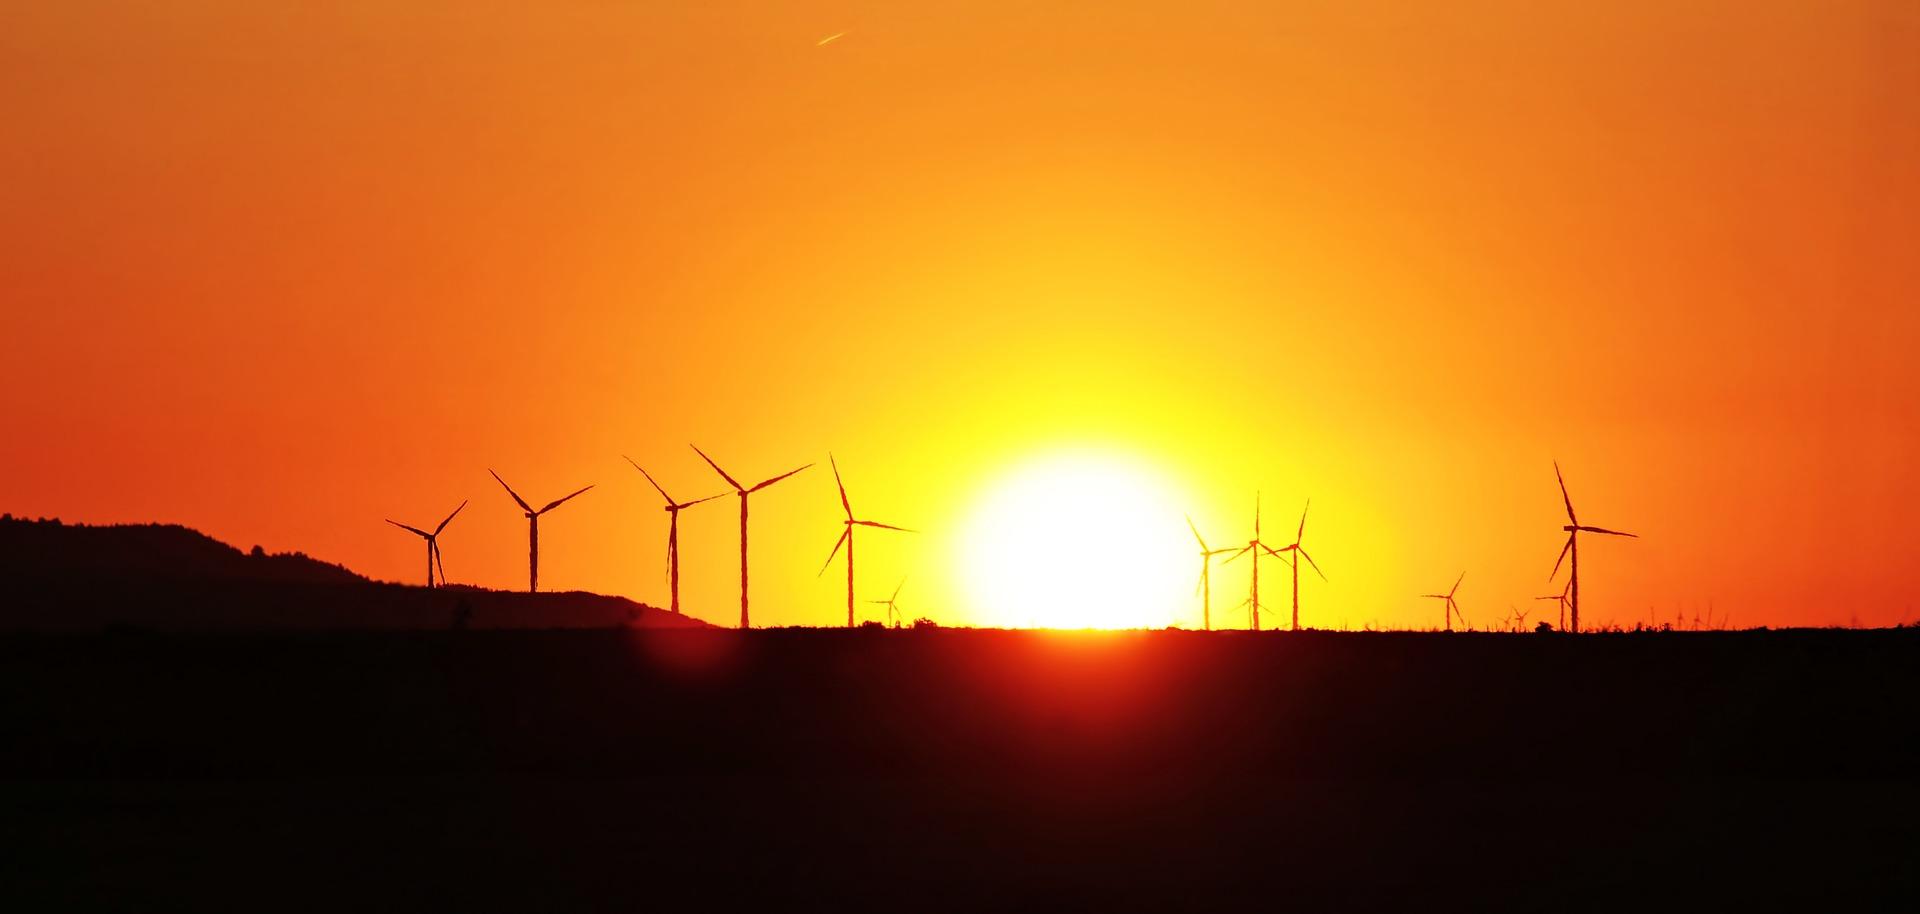 Den Strom und Gas Anbieter wechseln auf baumarktblog24.de